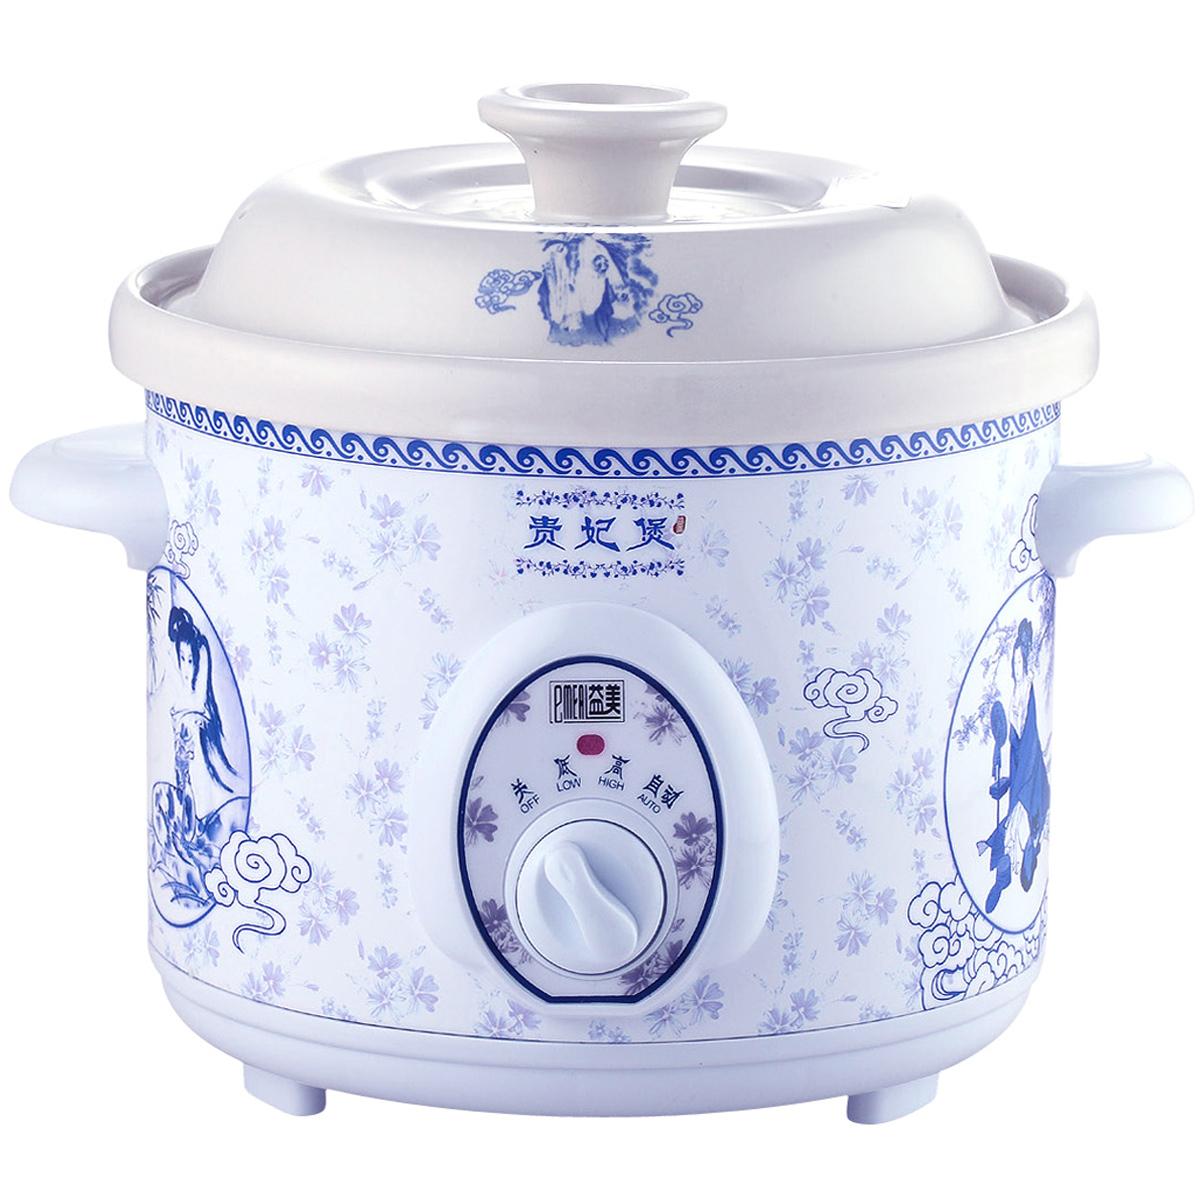 益美 YM-D45H 电炖锅质量好吗,好用吗